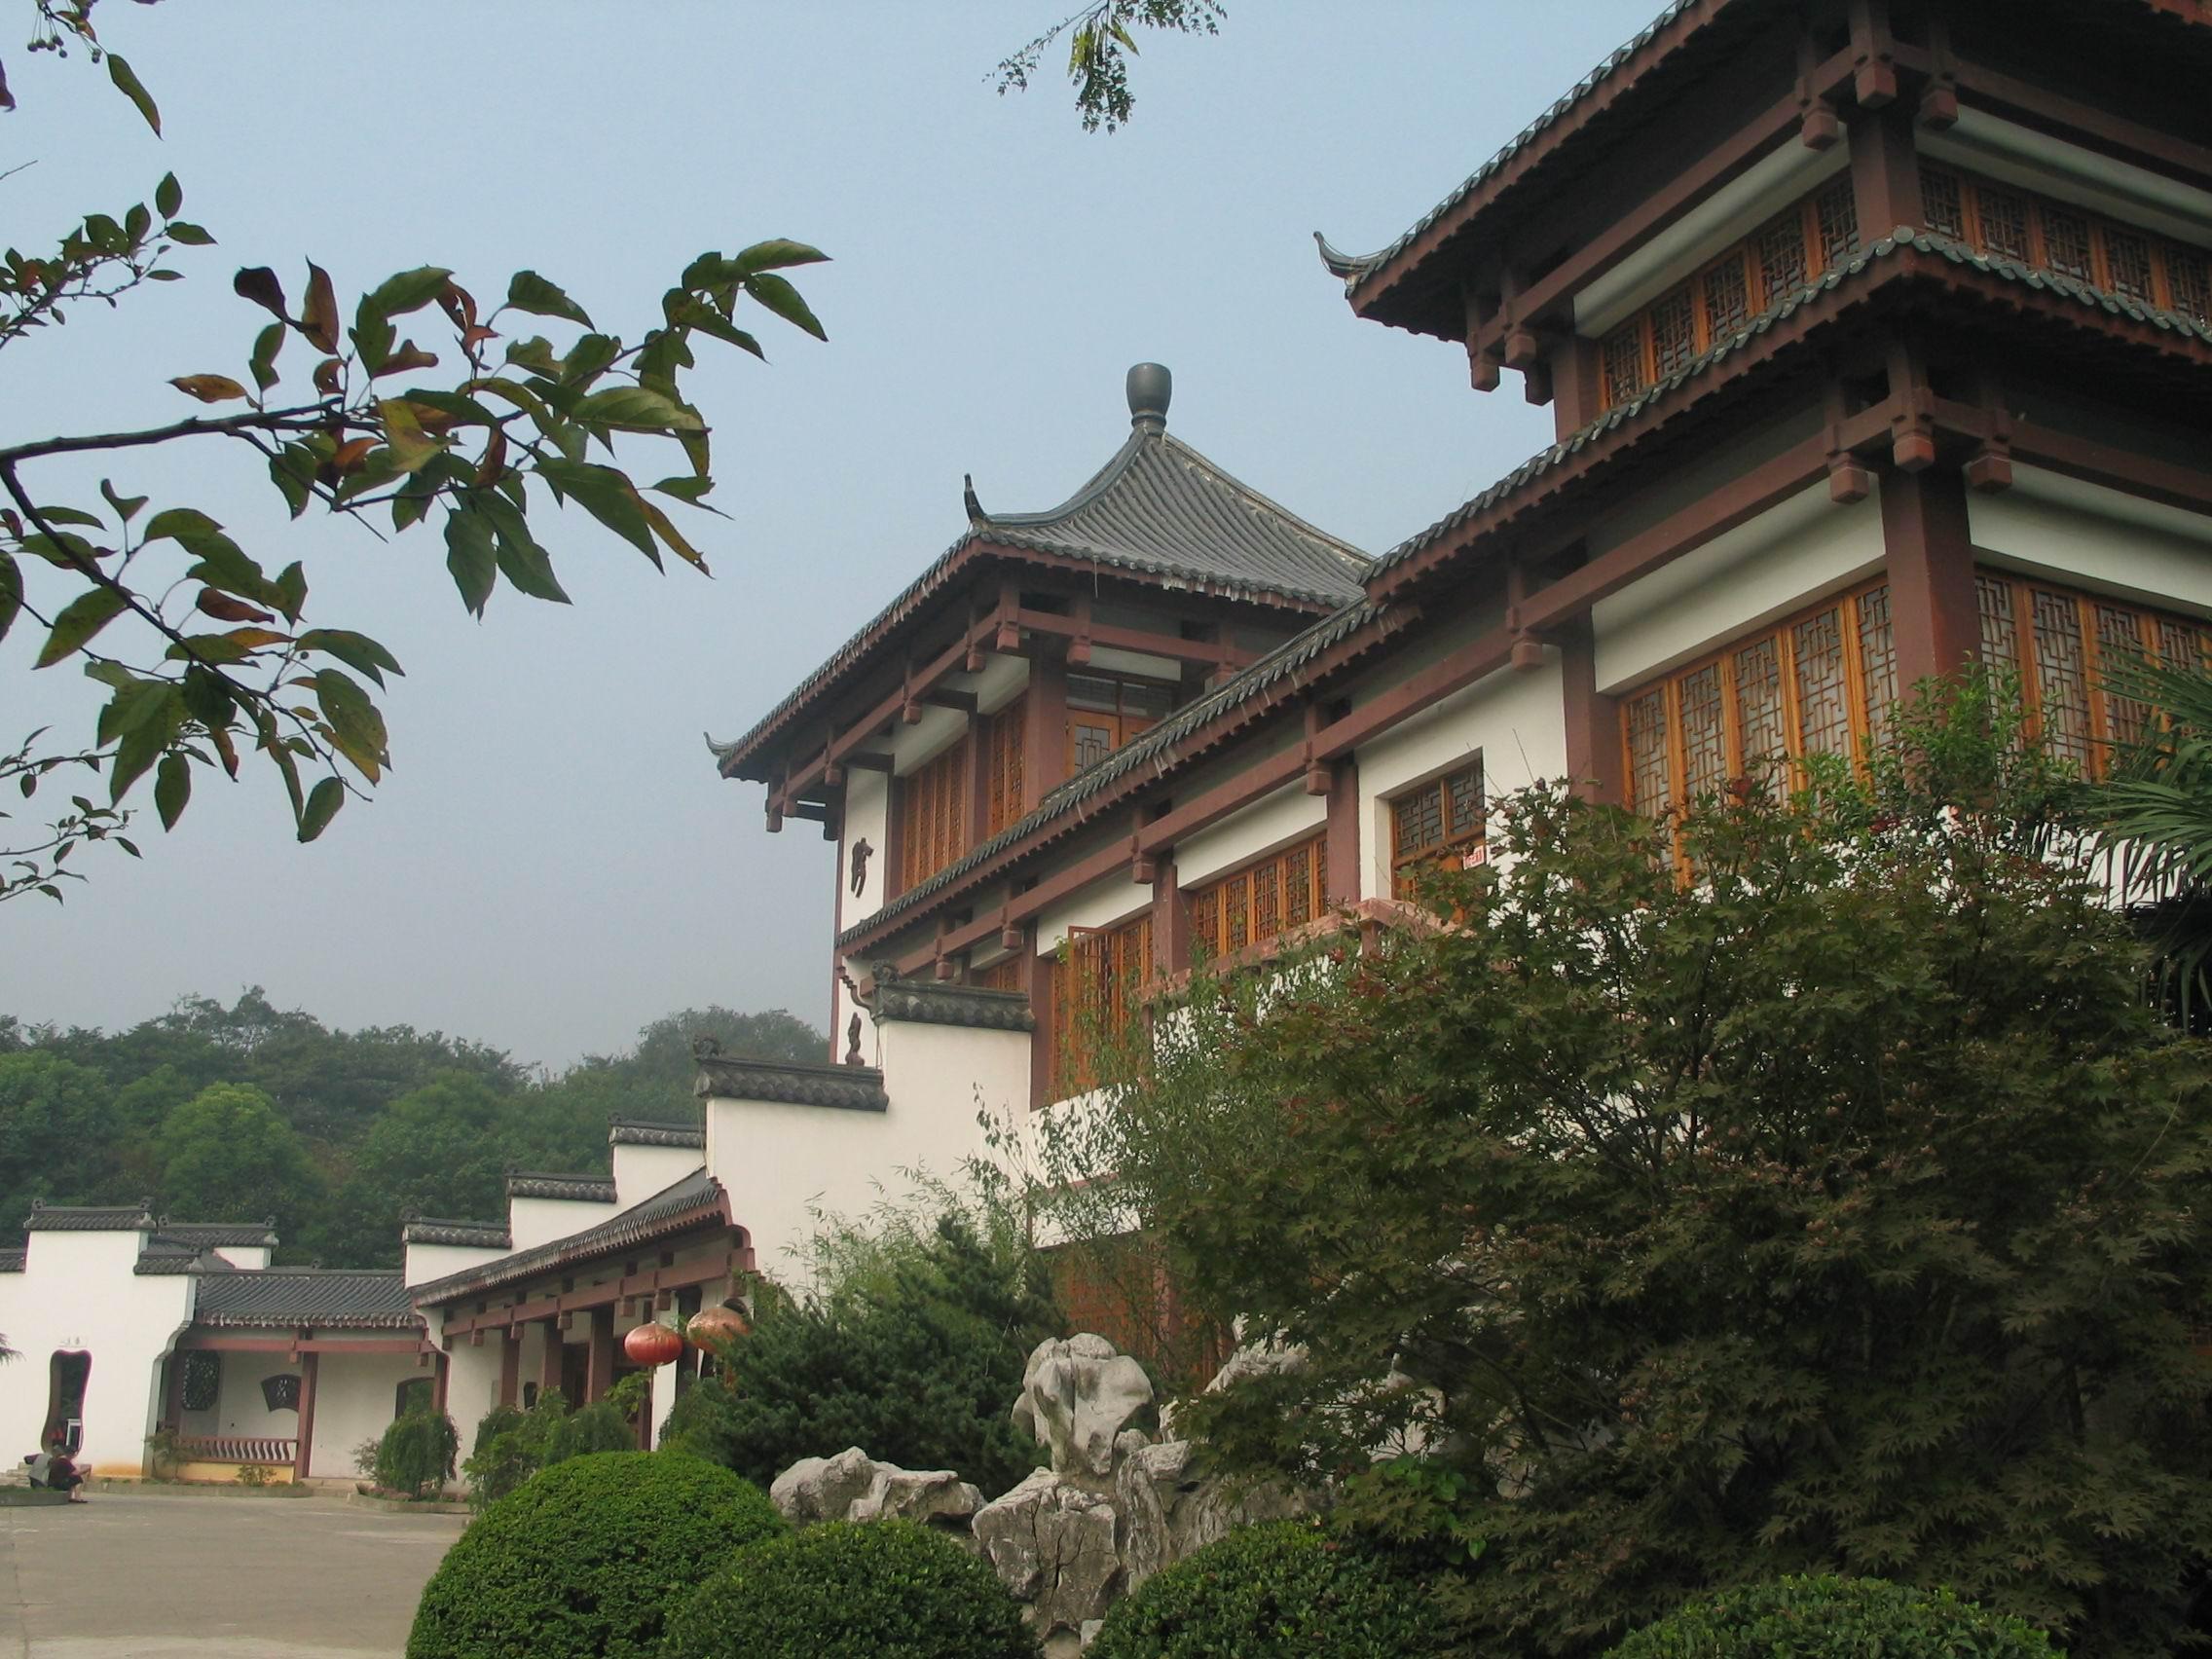 旅游景点列表 选你喜欢的地方 房旅.中国